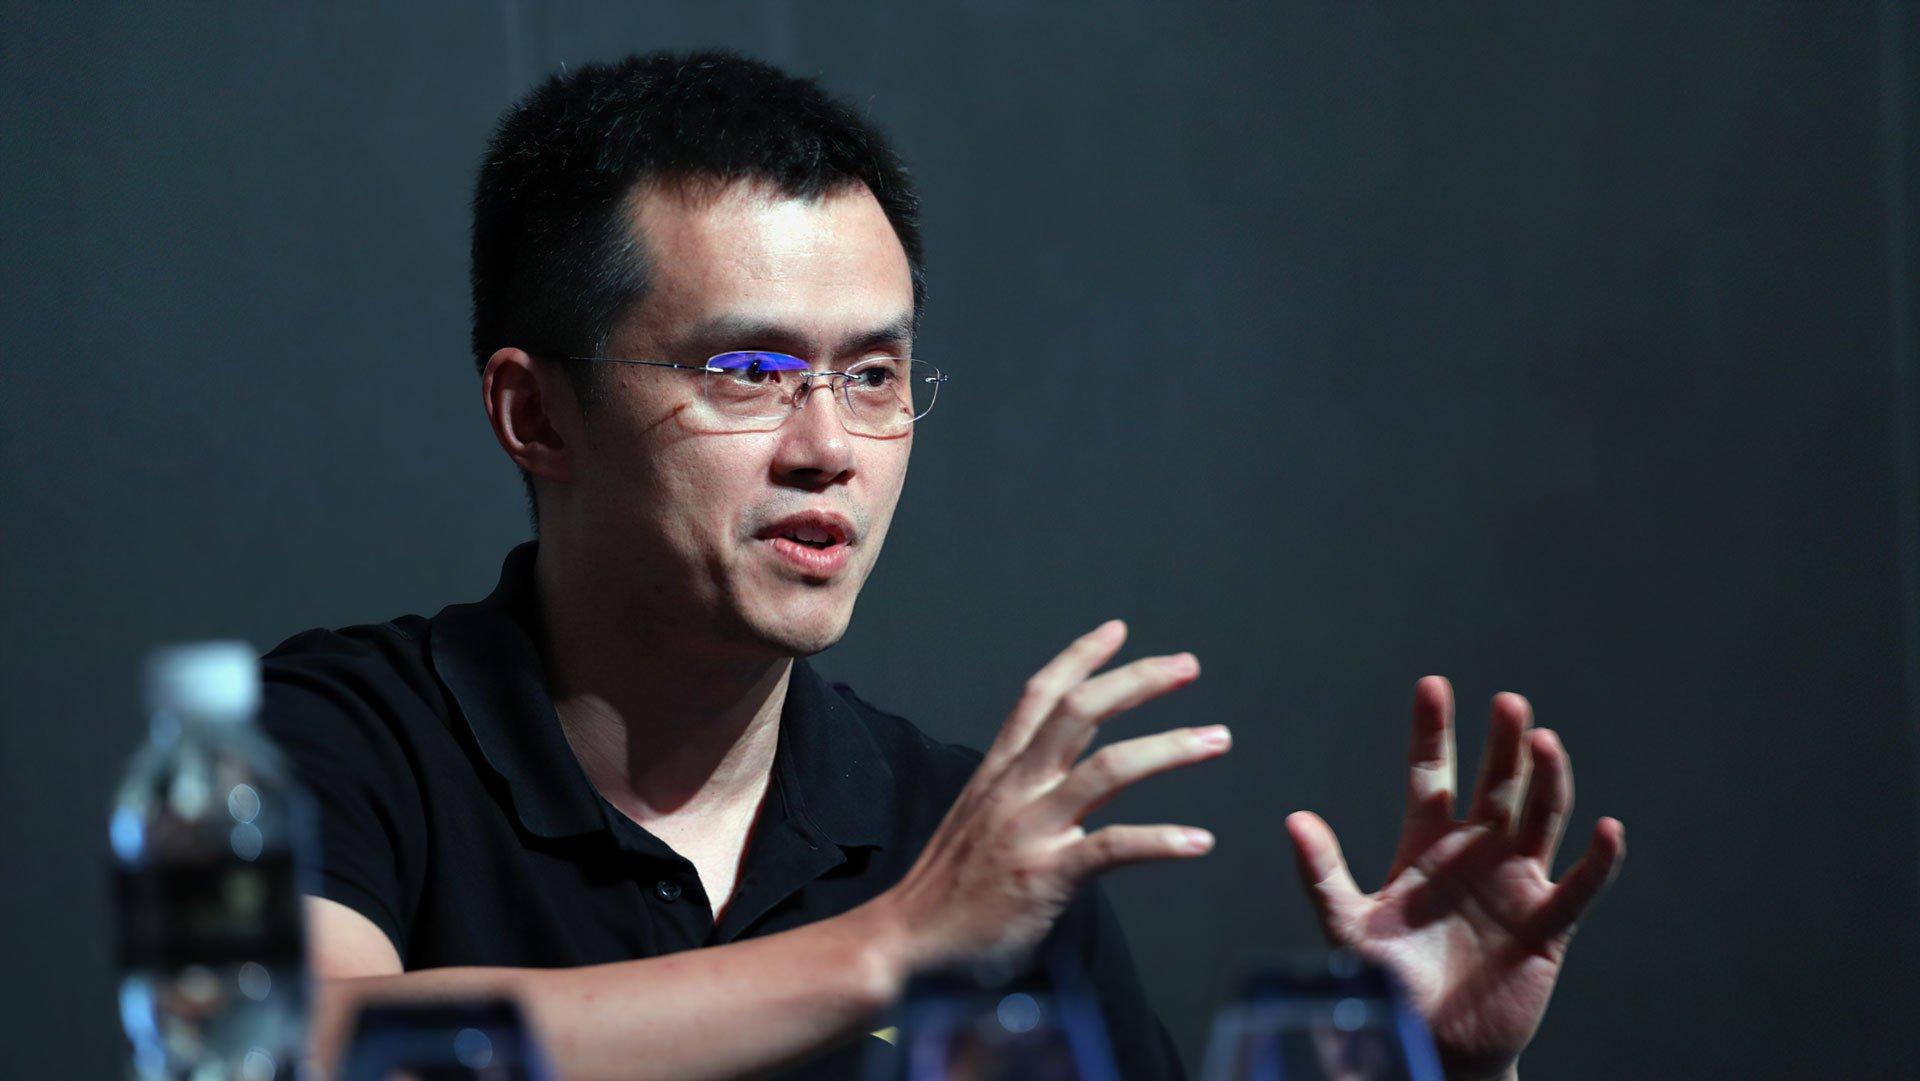 Чанпэн Чжао: DeFi - это будущее, но централизованные биржи все еще более популярны